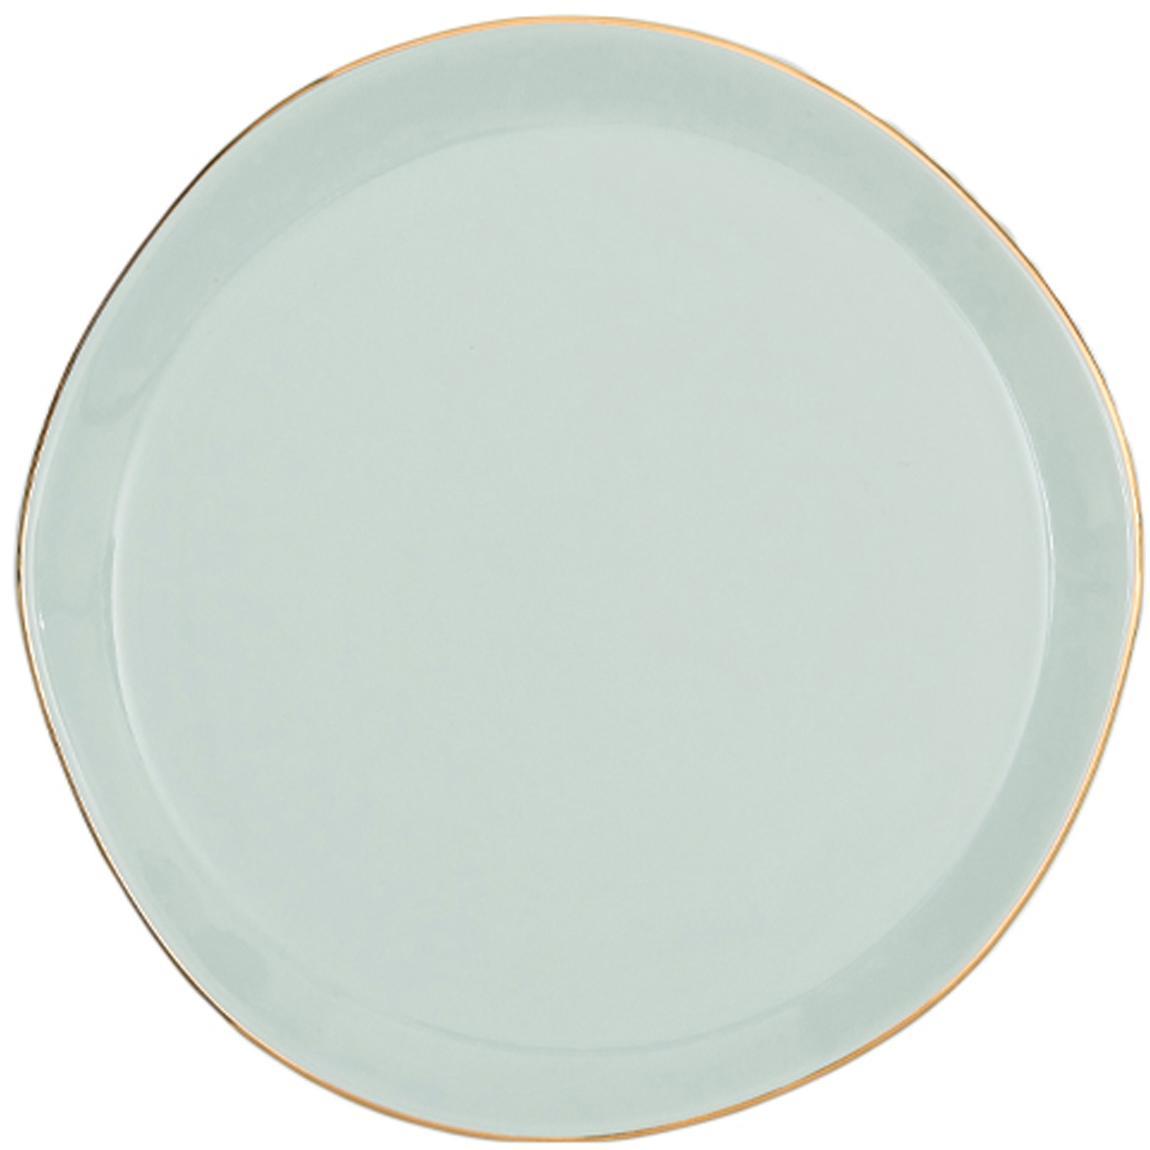 Talerz na pieczywo Good Morning, Porcelana, Miętowy, odcienie złotego, Ø 17 cm